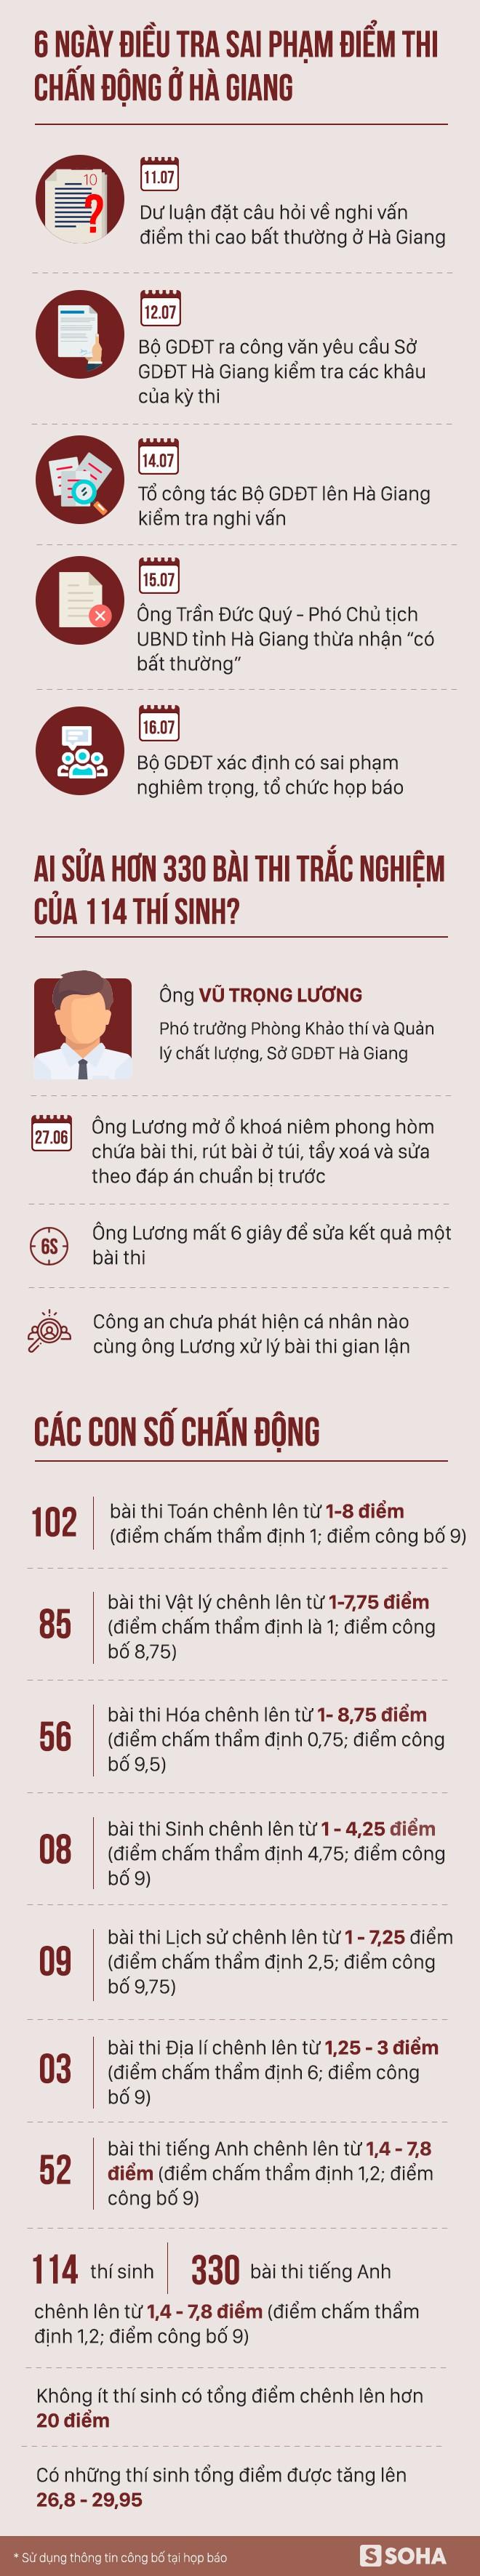 6 ngày điều tra sai phạm điểm thi chấn động ở Hà Giang - Ảnh 1.